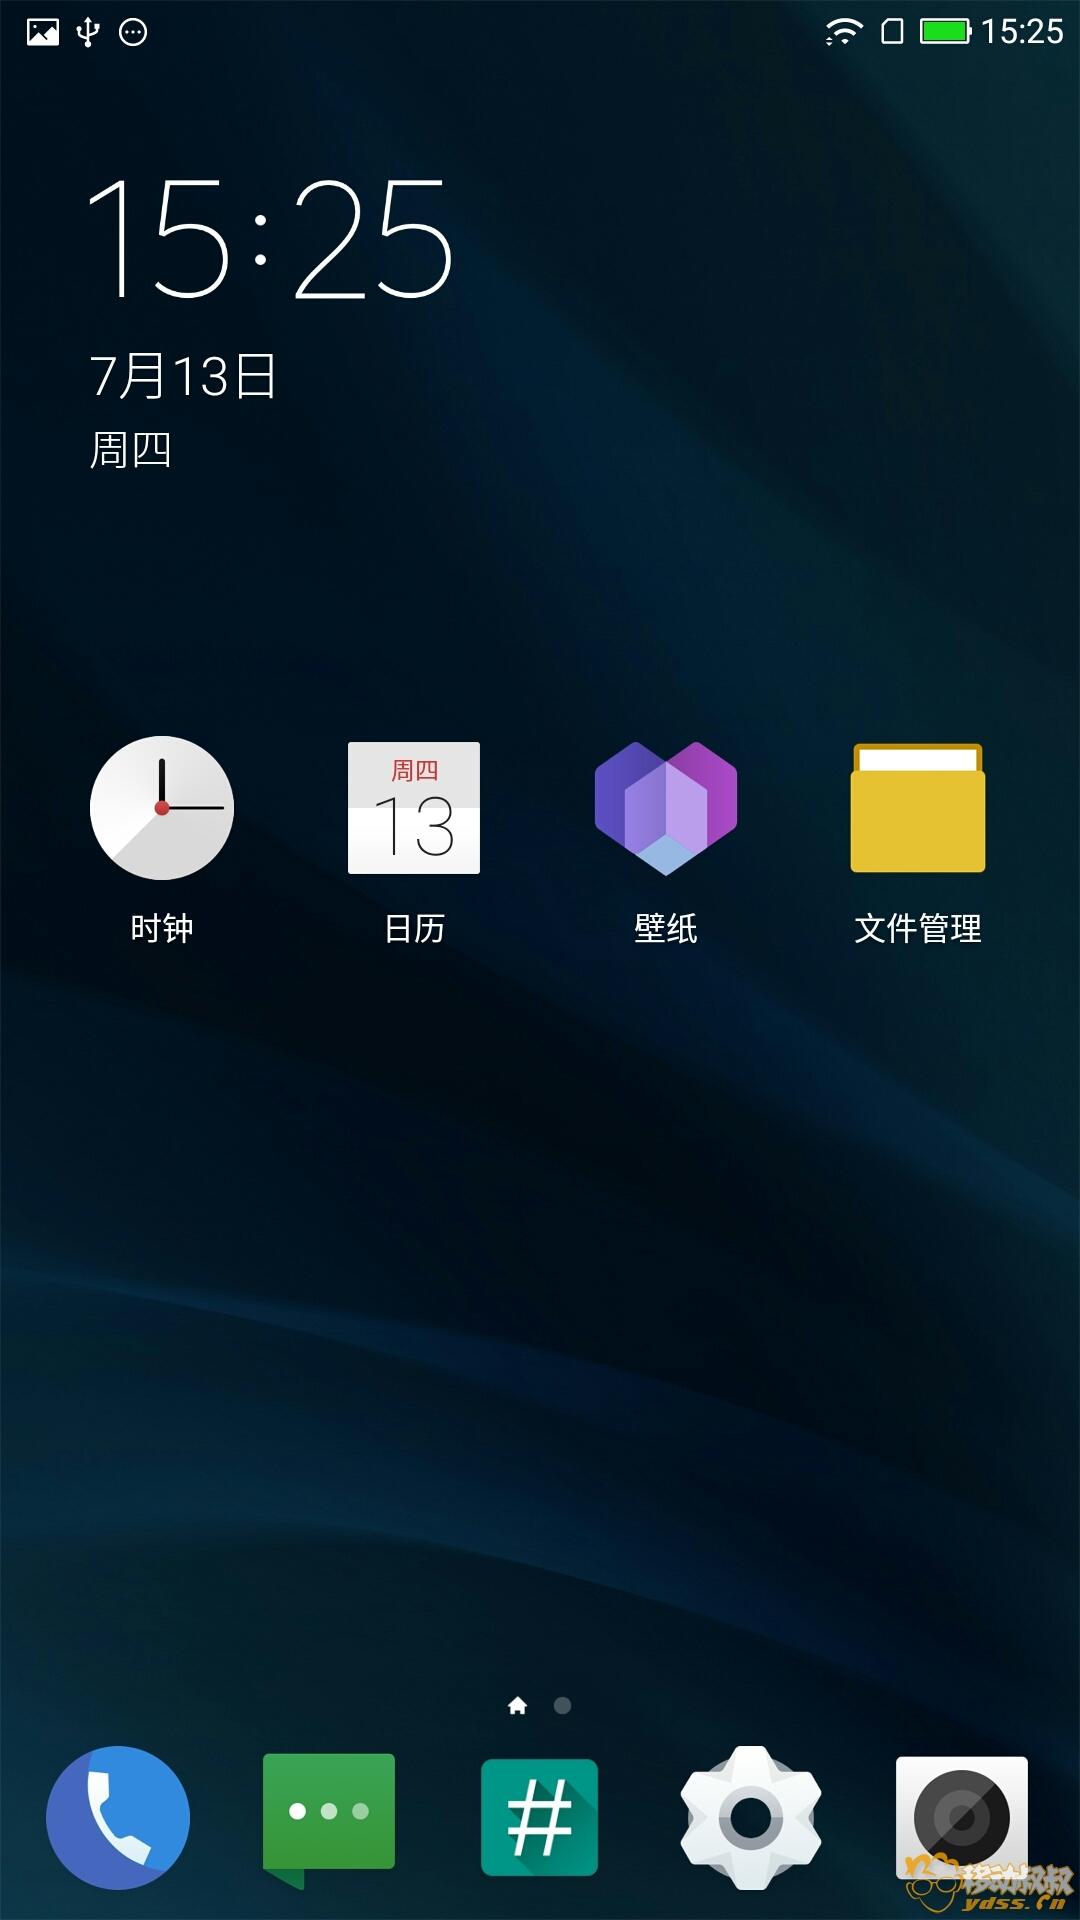 Screenshot_20170713-152549.jpg